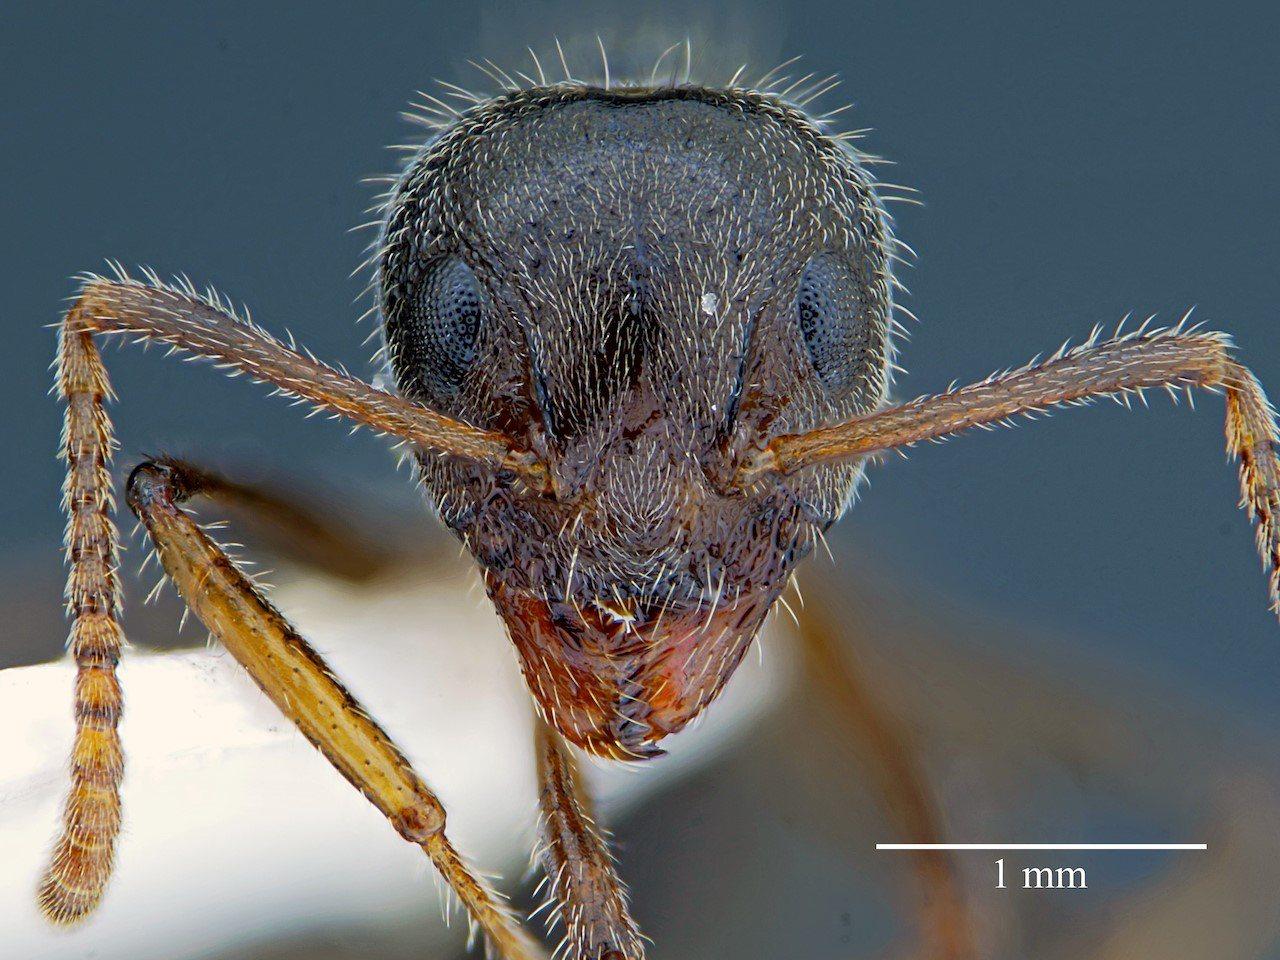 疣胸琉璃蟻標本照。圖/台大博士生許峰銓提供